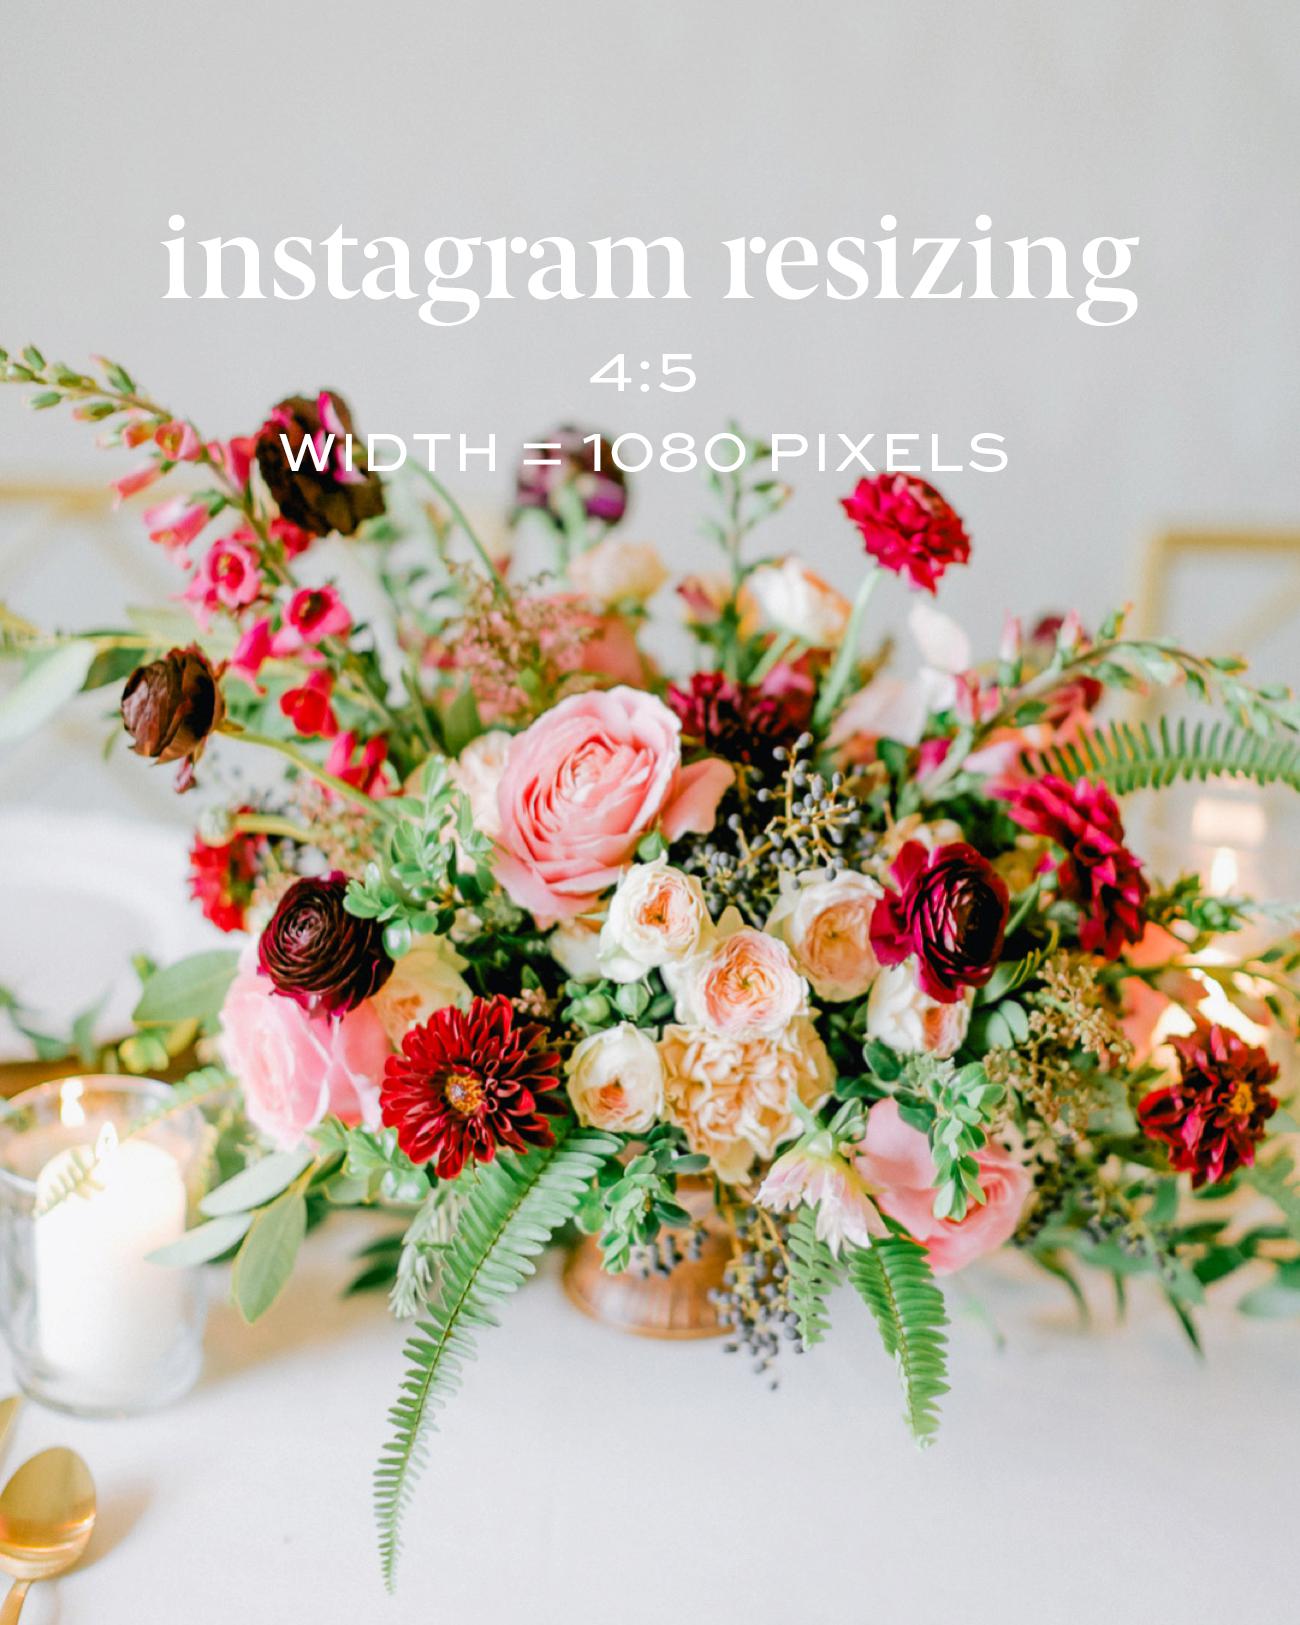 Lightroom to Instagram - resize images for instagram_0004.jpg